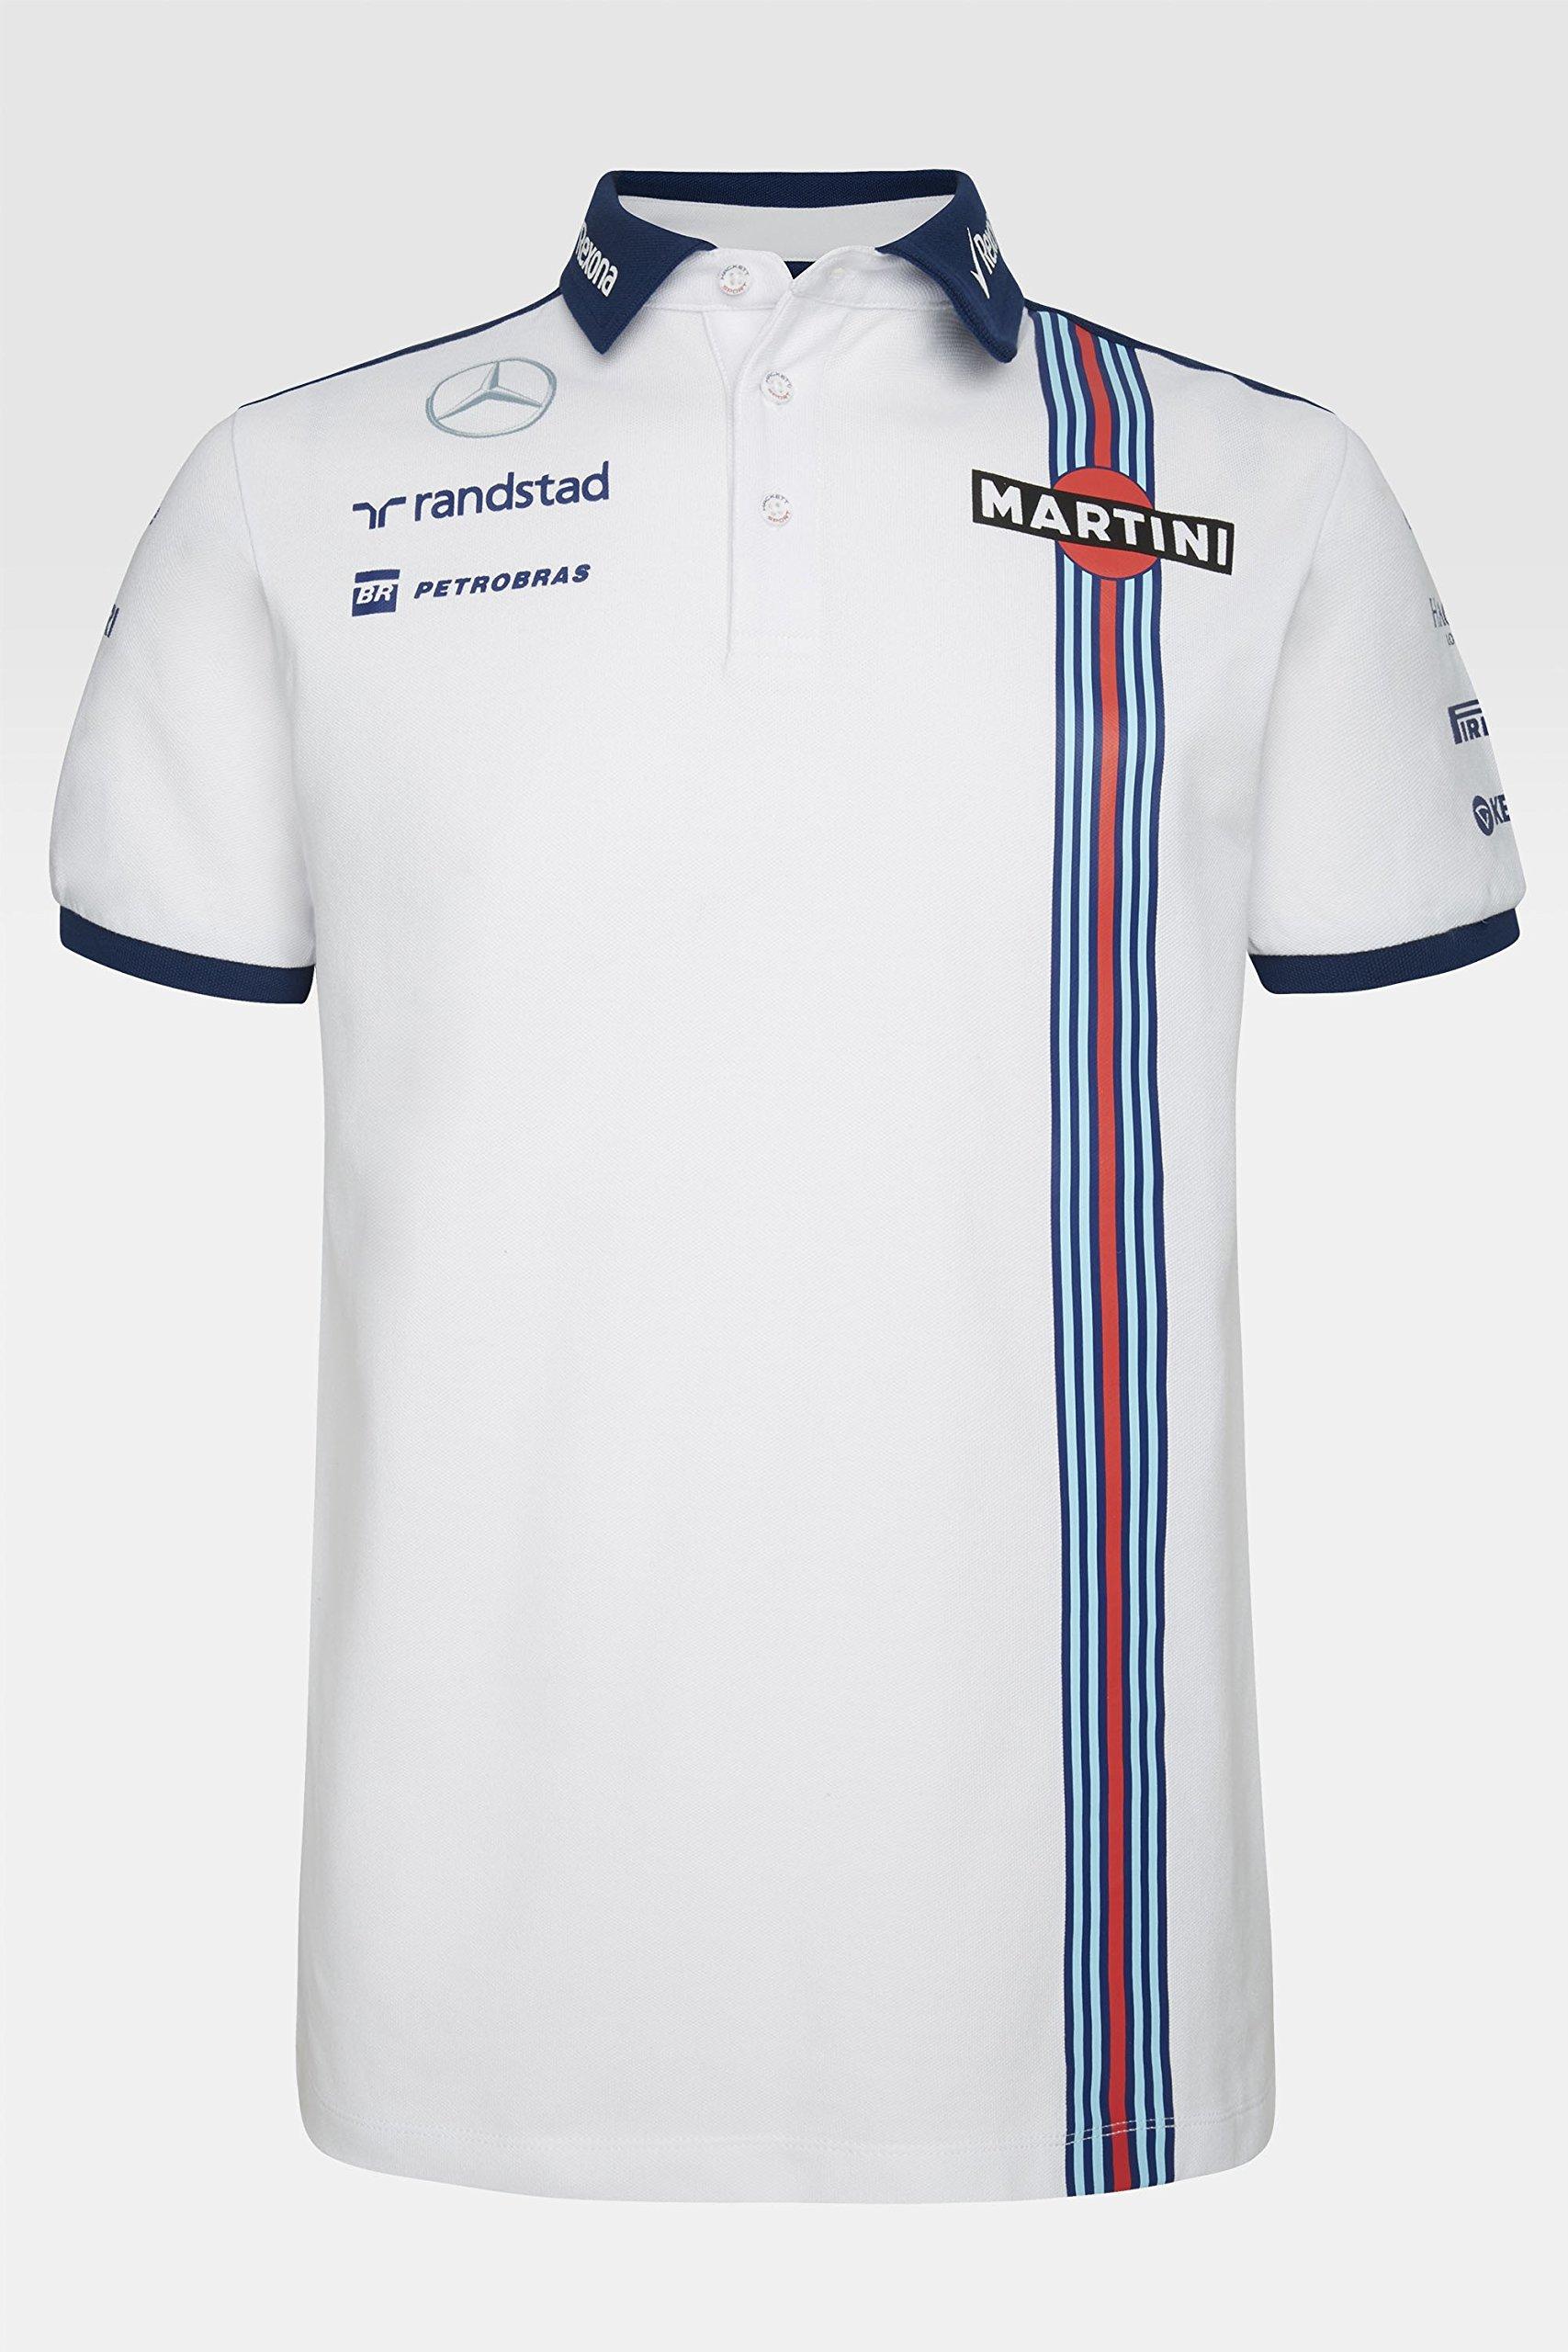 Williams Martini Racing F1 Team Replica Polo Camiseta, fórmula 1, Valtteri Bottas, Felipe Massa, Color Blanco/Azul, Blanco/Azul, Extra-Large: Amazon.es: Deportes y aire libre